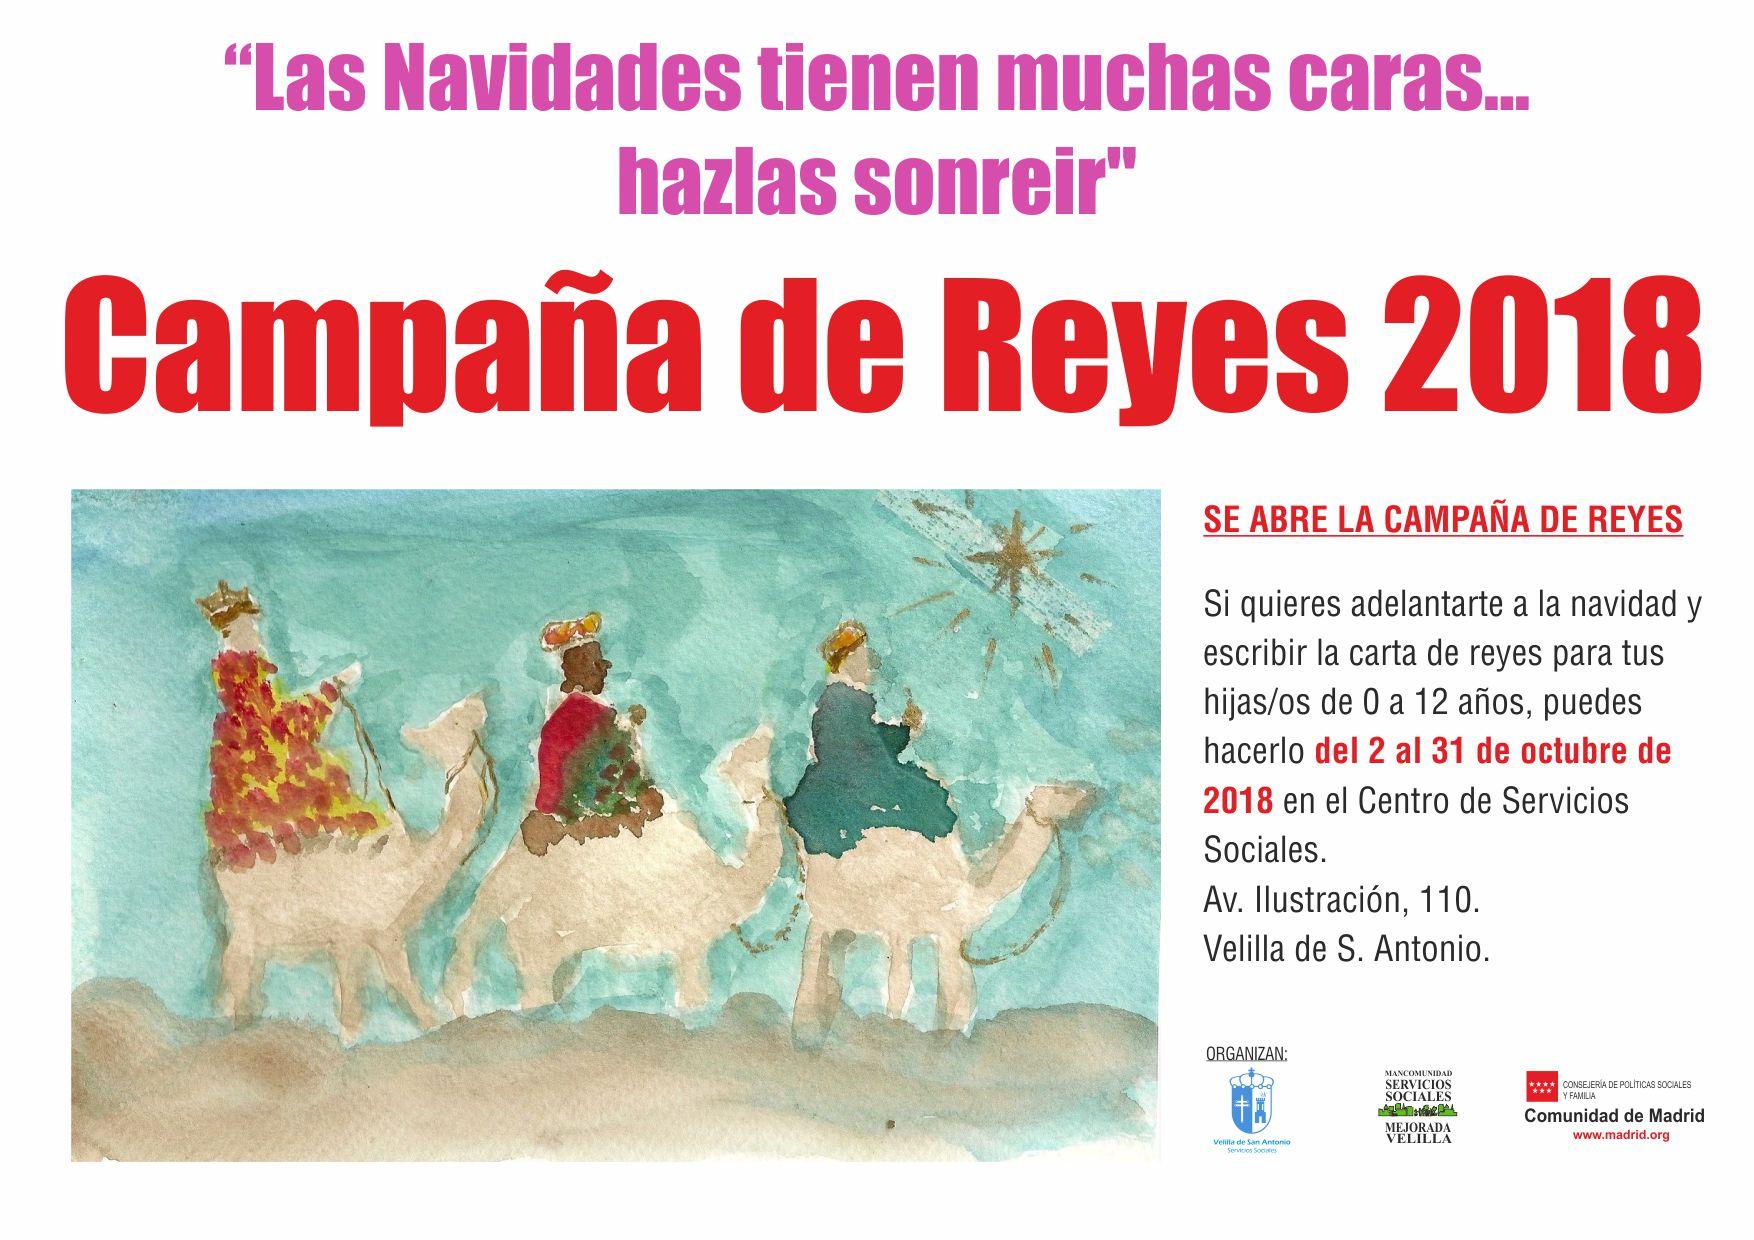 Campaña de Reyes 2018